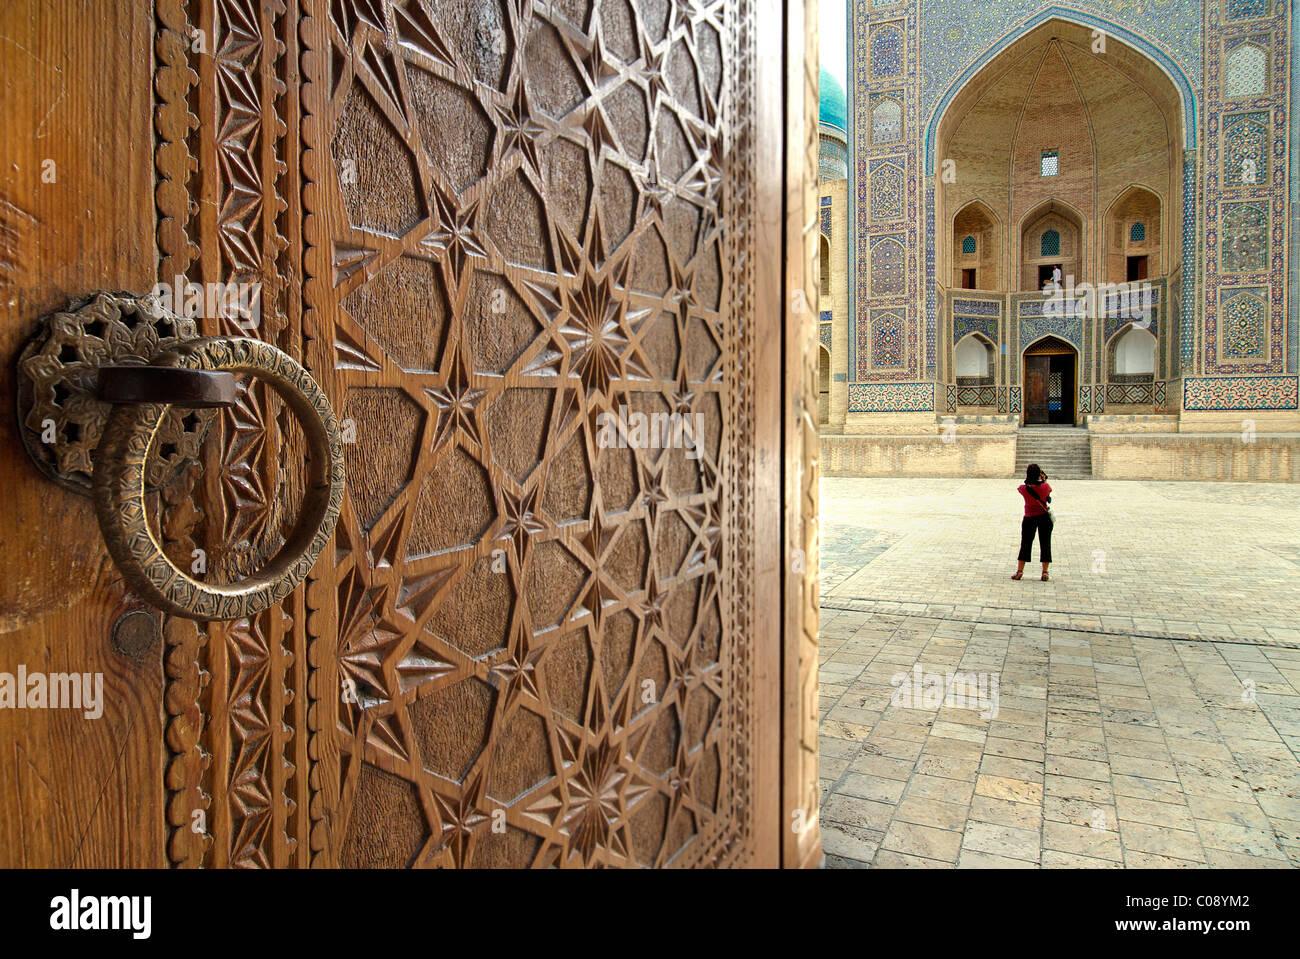 El Mir-i-árabe Madrassah visto más allá de la ornamentación puertas talladas de la Mezquita Imagen De Stock